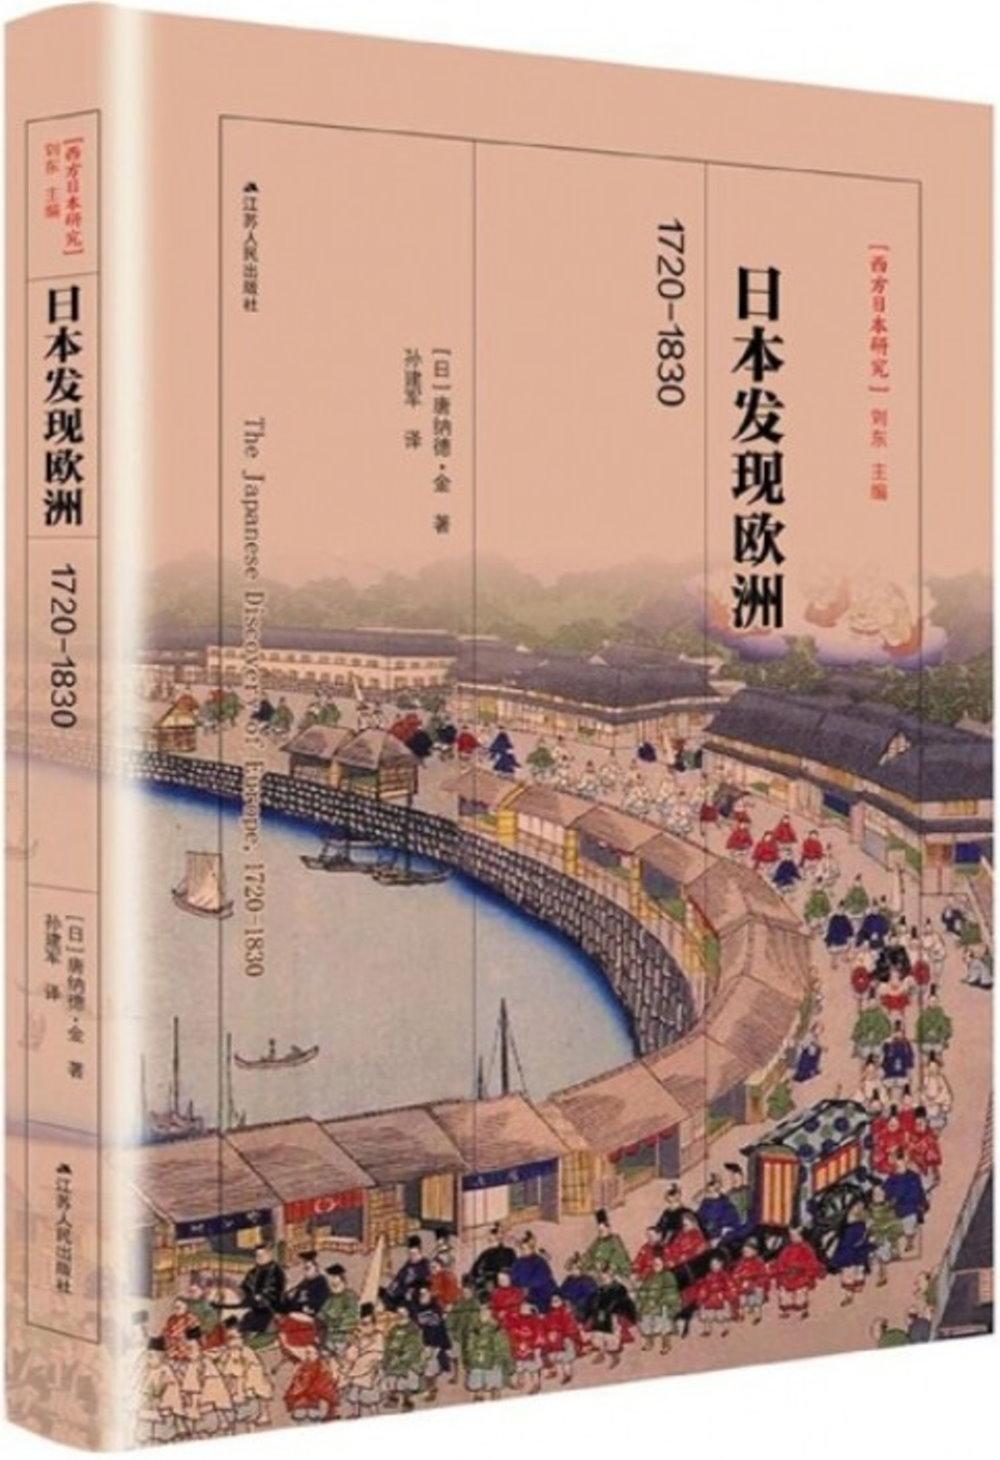 日本發現歐洲(1720-1830)